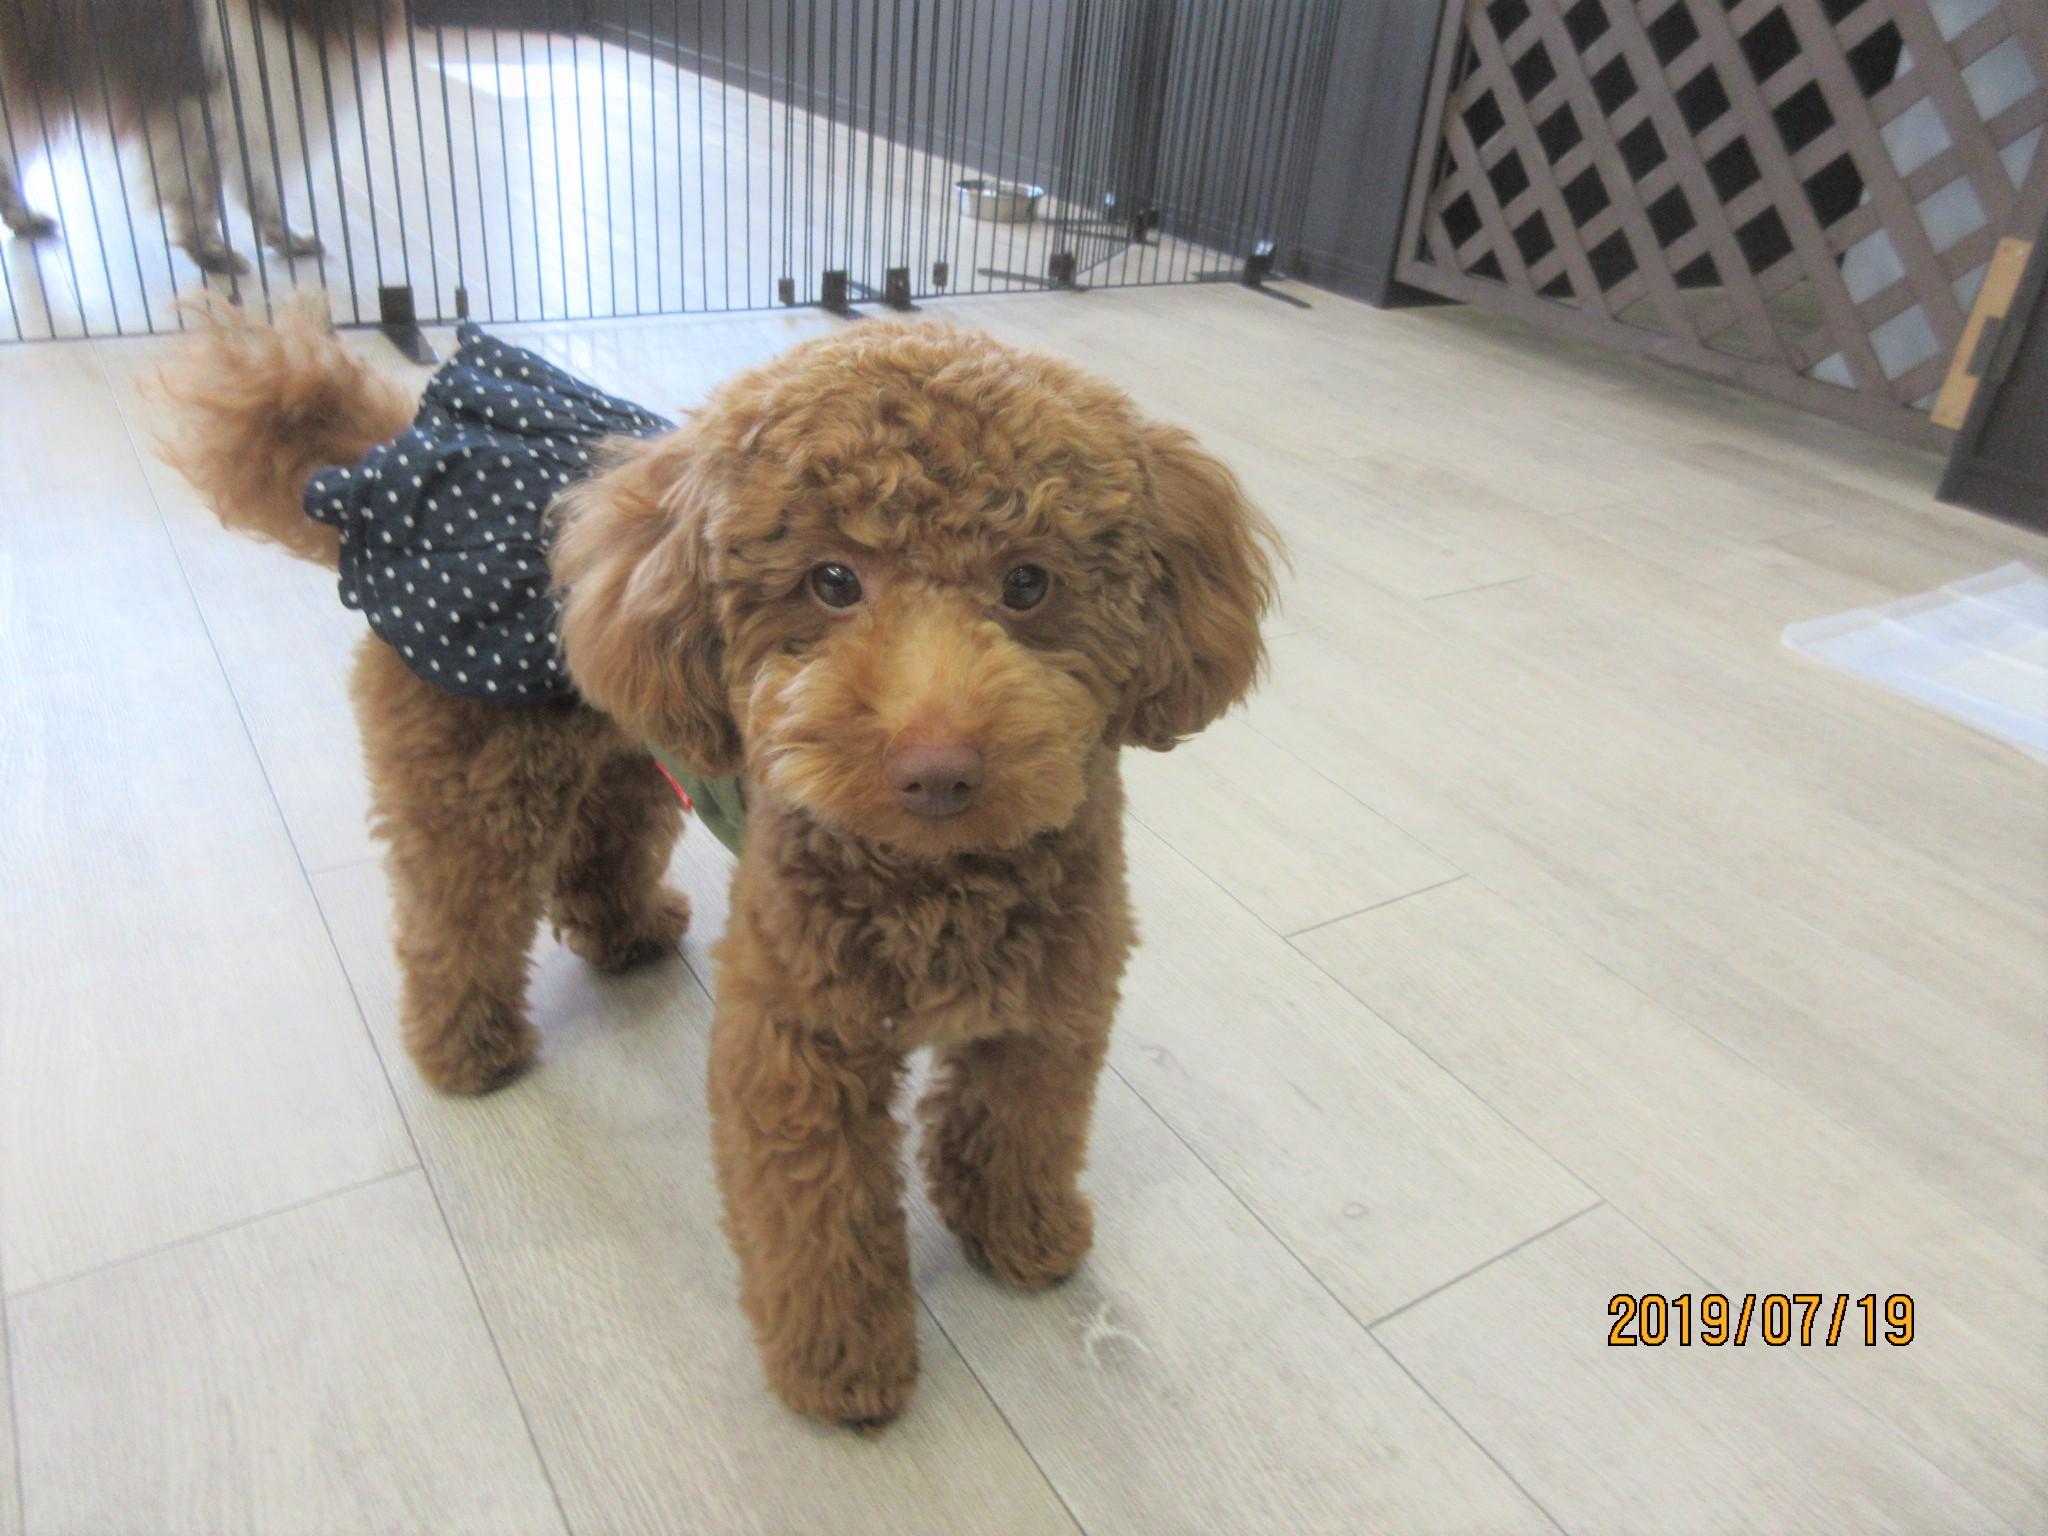 ぽっぽちゃん・犬の保育園Baby・犬・犬のしつけ・犬の社会化